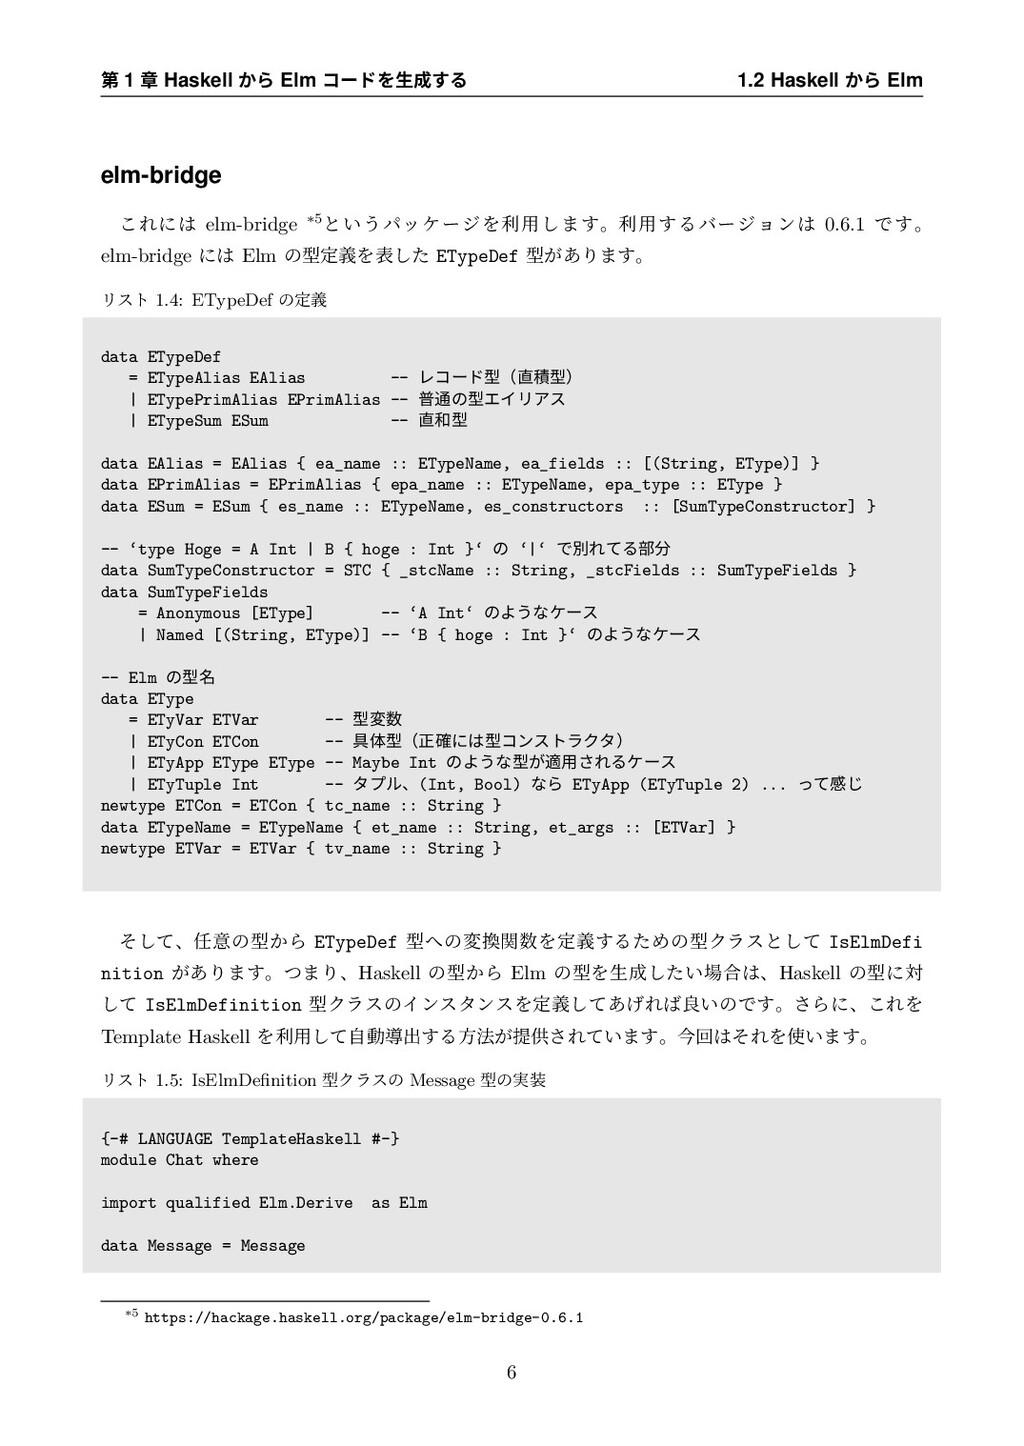 ୈ 1 ষ Haskell ͔Β Elm ίʔυΛੜ͢Δ 1.2 Haskell ͔Β El...